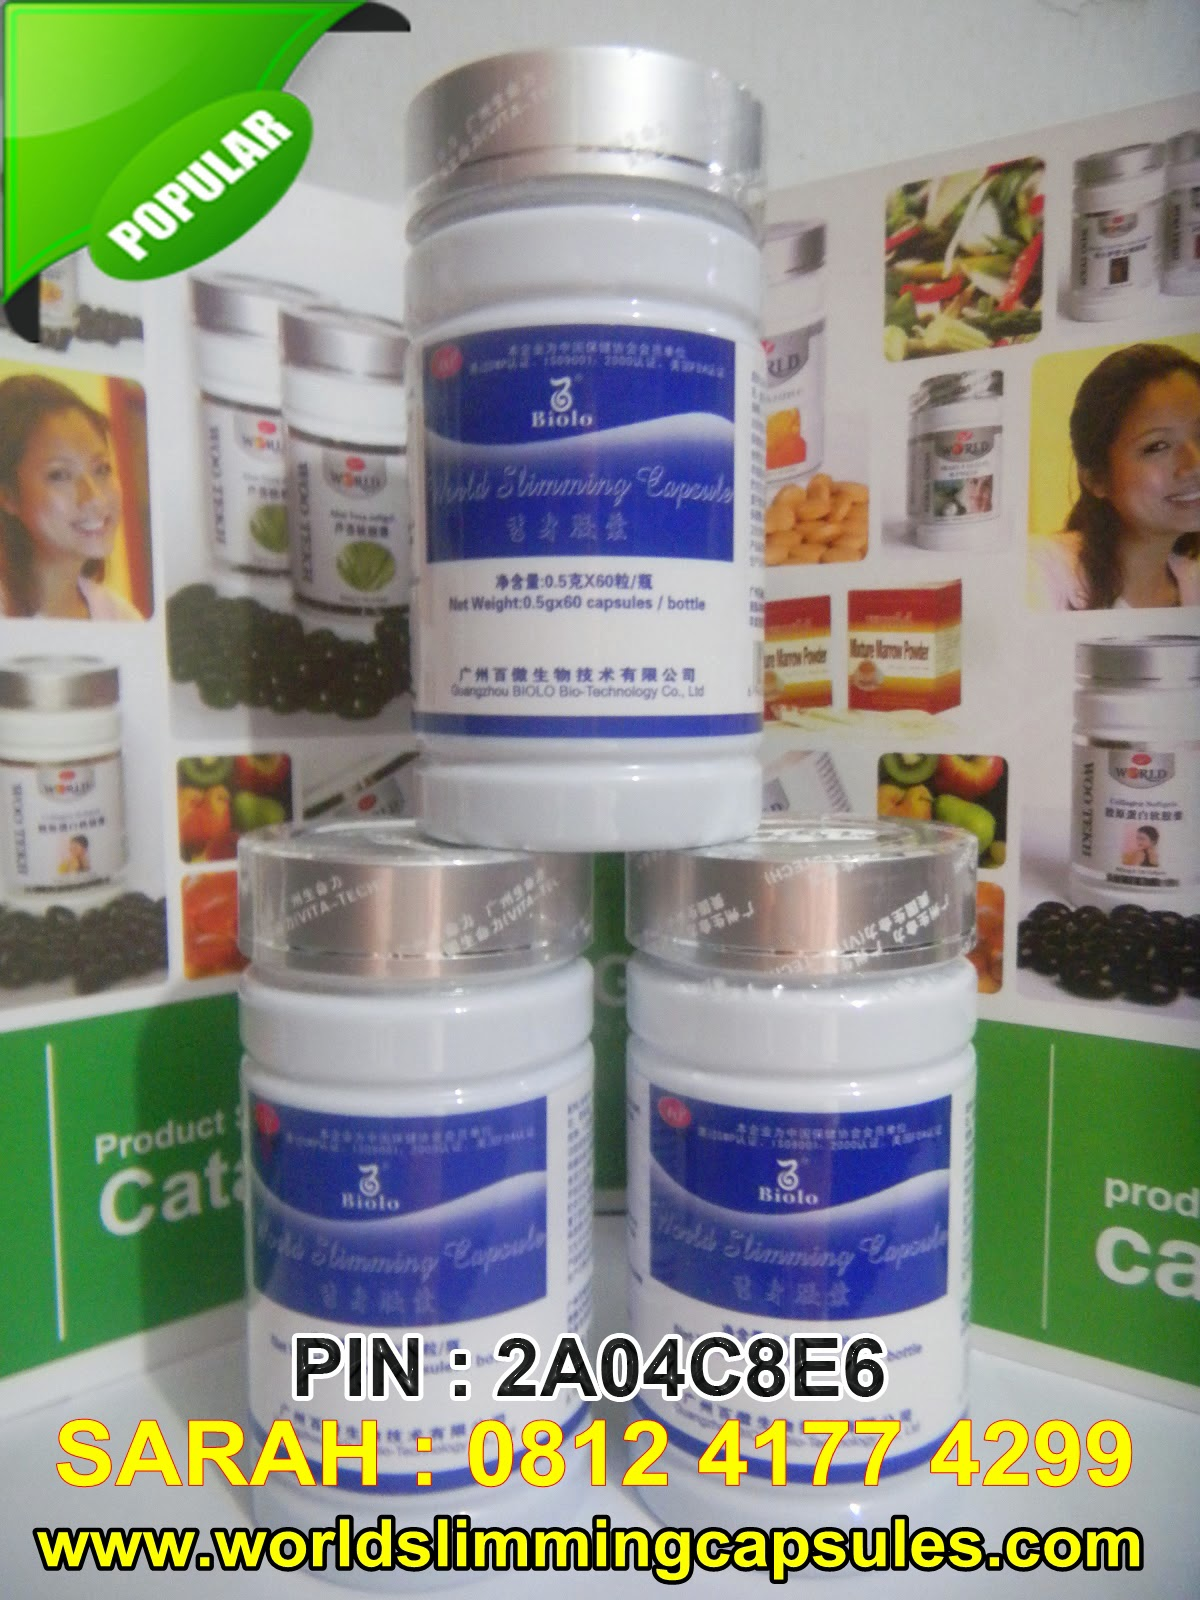 Wsc Biolo | Obat Diet Biolo | Biolo Slimming Capsule | Biolo Slimming | Biolo Slim | Biolo Slim Capsule